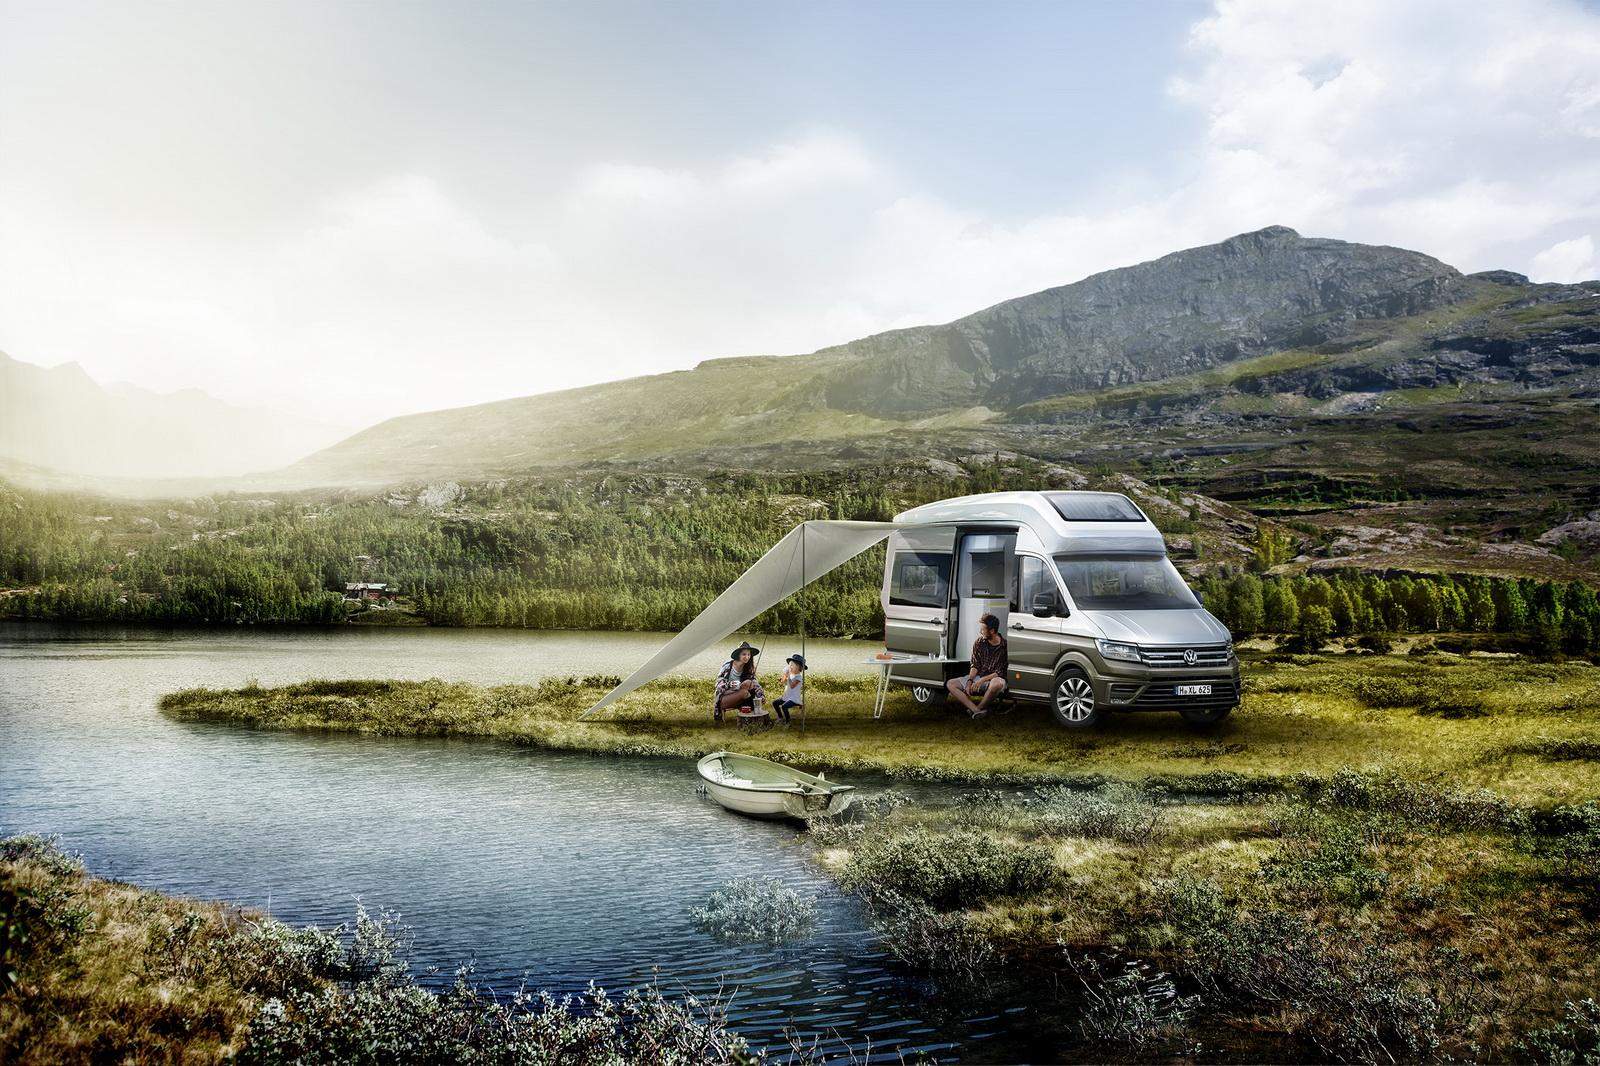 vw california xxl concept is big camper van for globetrotters 41 pics carscoops. Black Bedroom Furniture Sets. Home Design Ideas